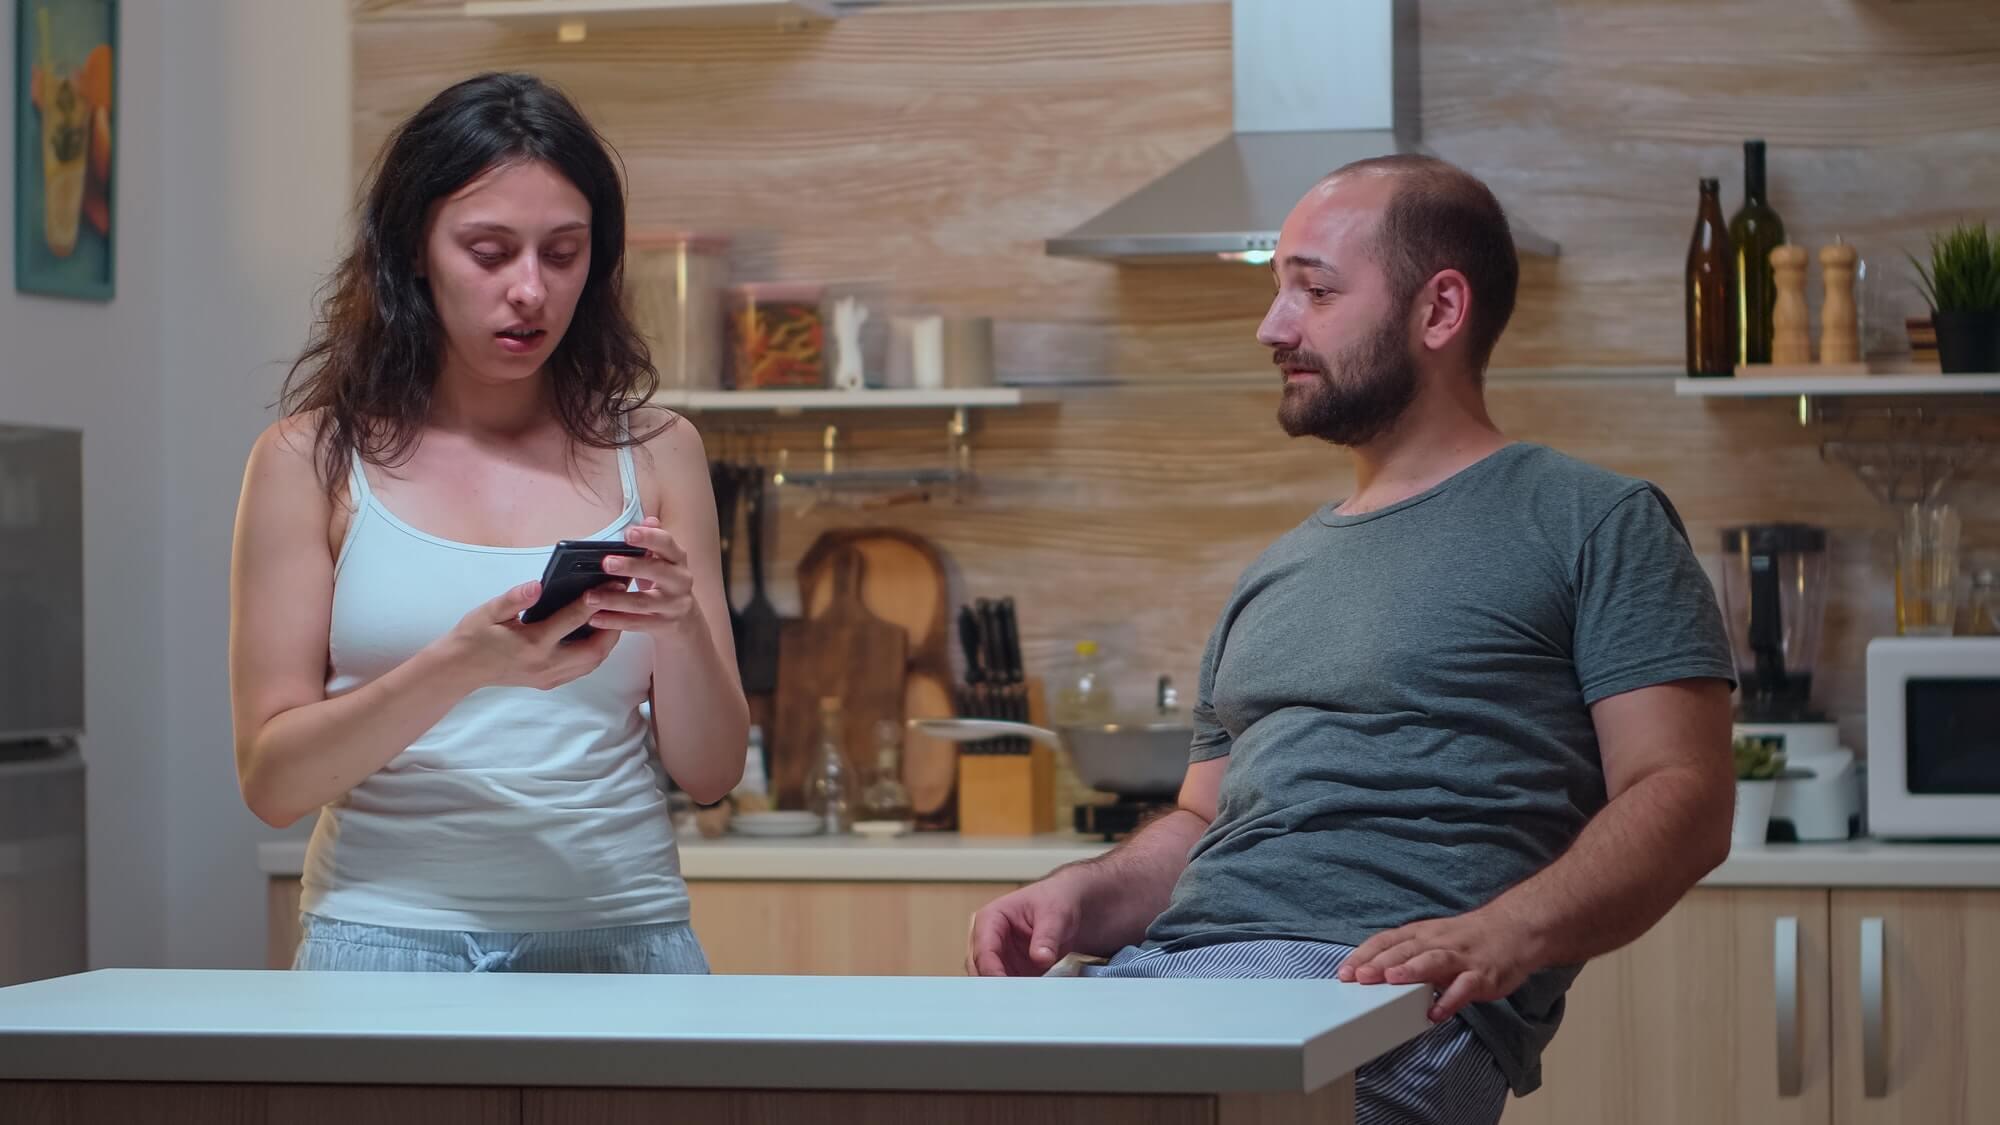 Femme jalouse vérifiant le téléphone de l'homme